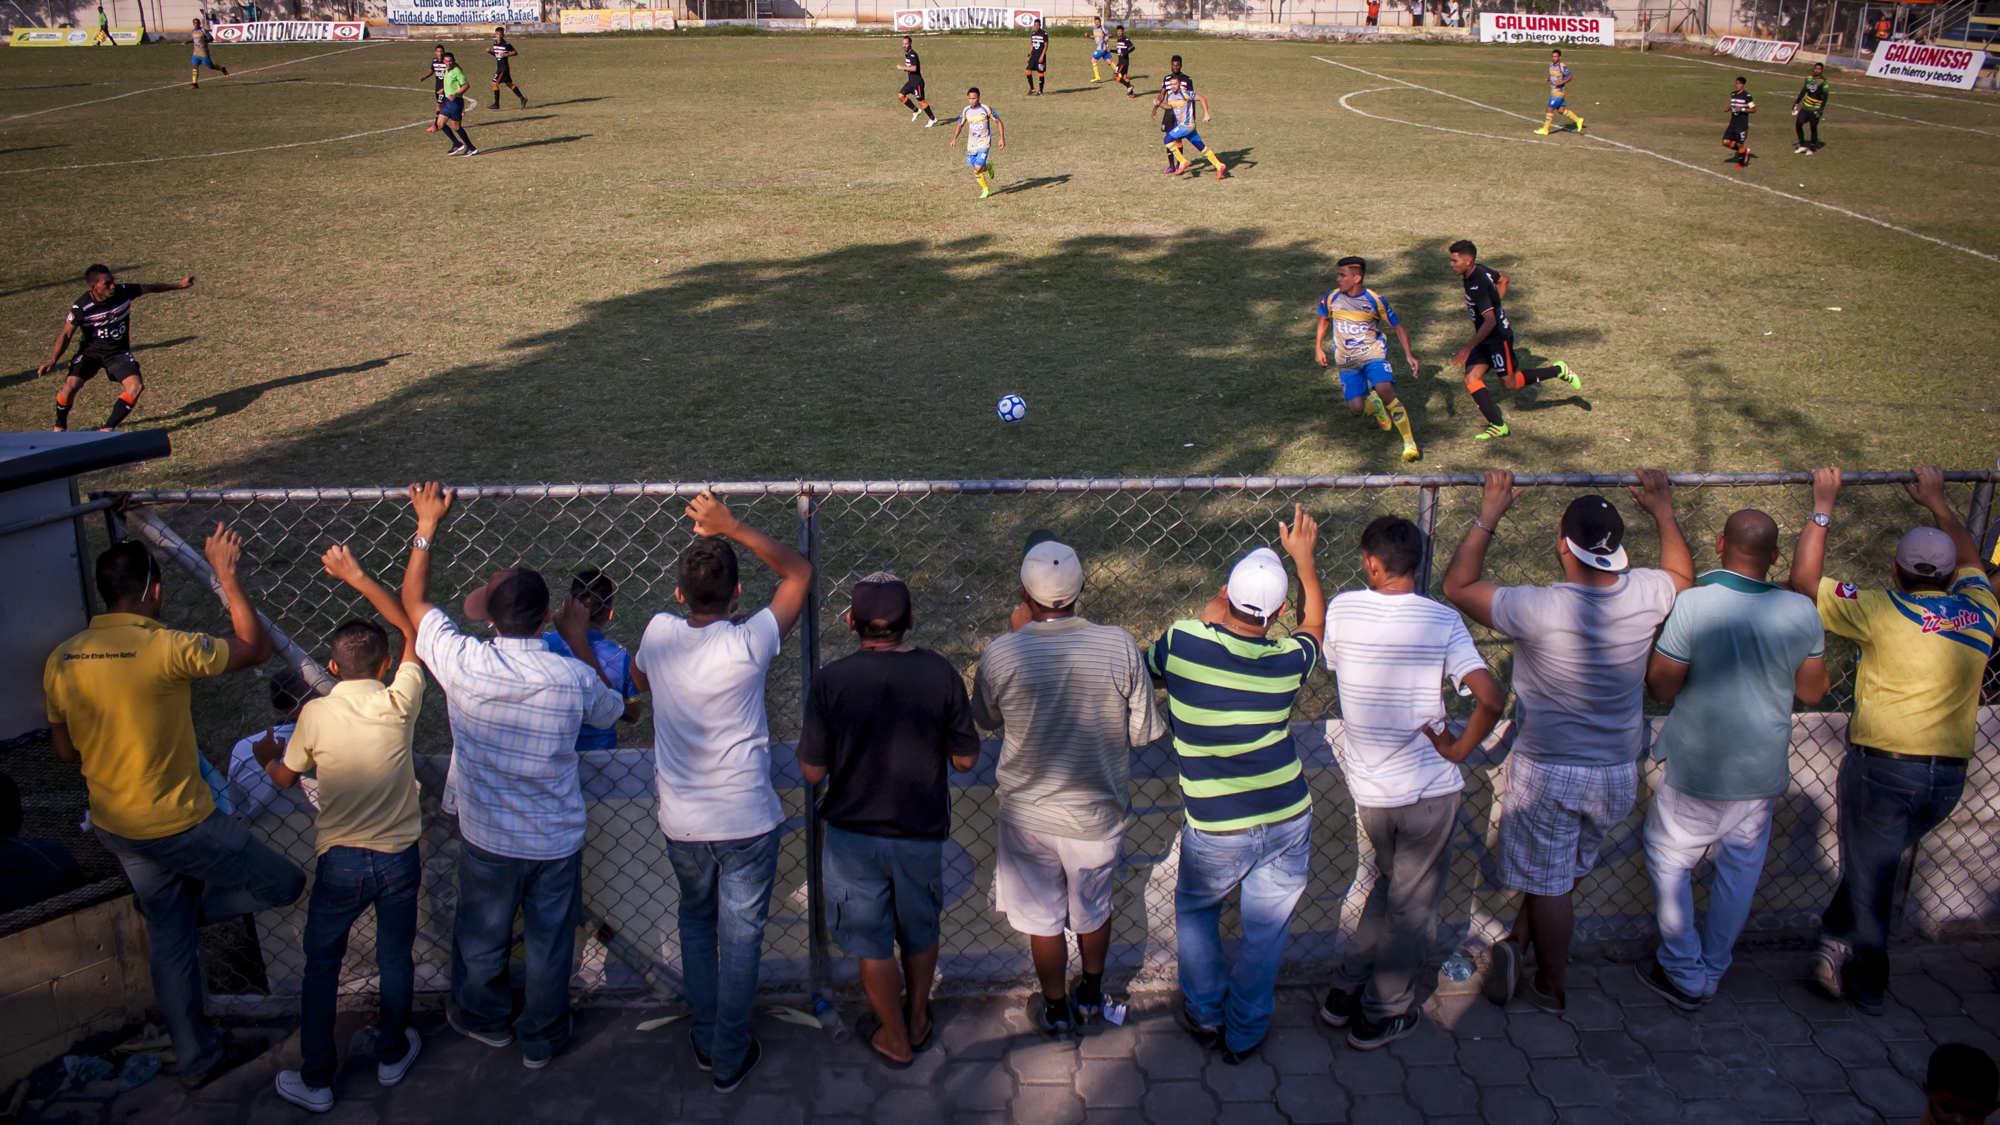 Fútbol miseria: El rey desamparado (parte I)